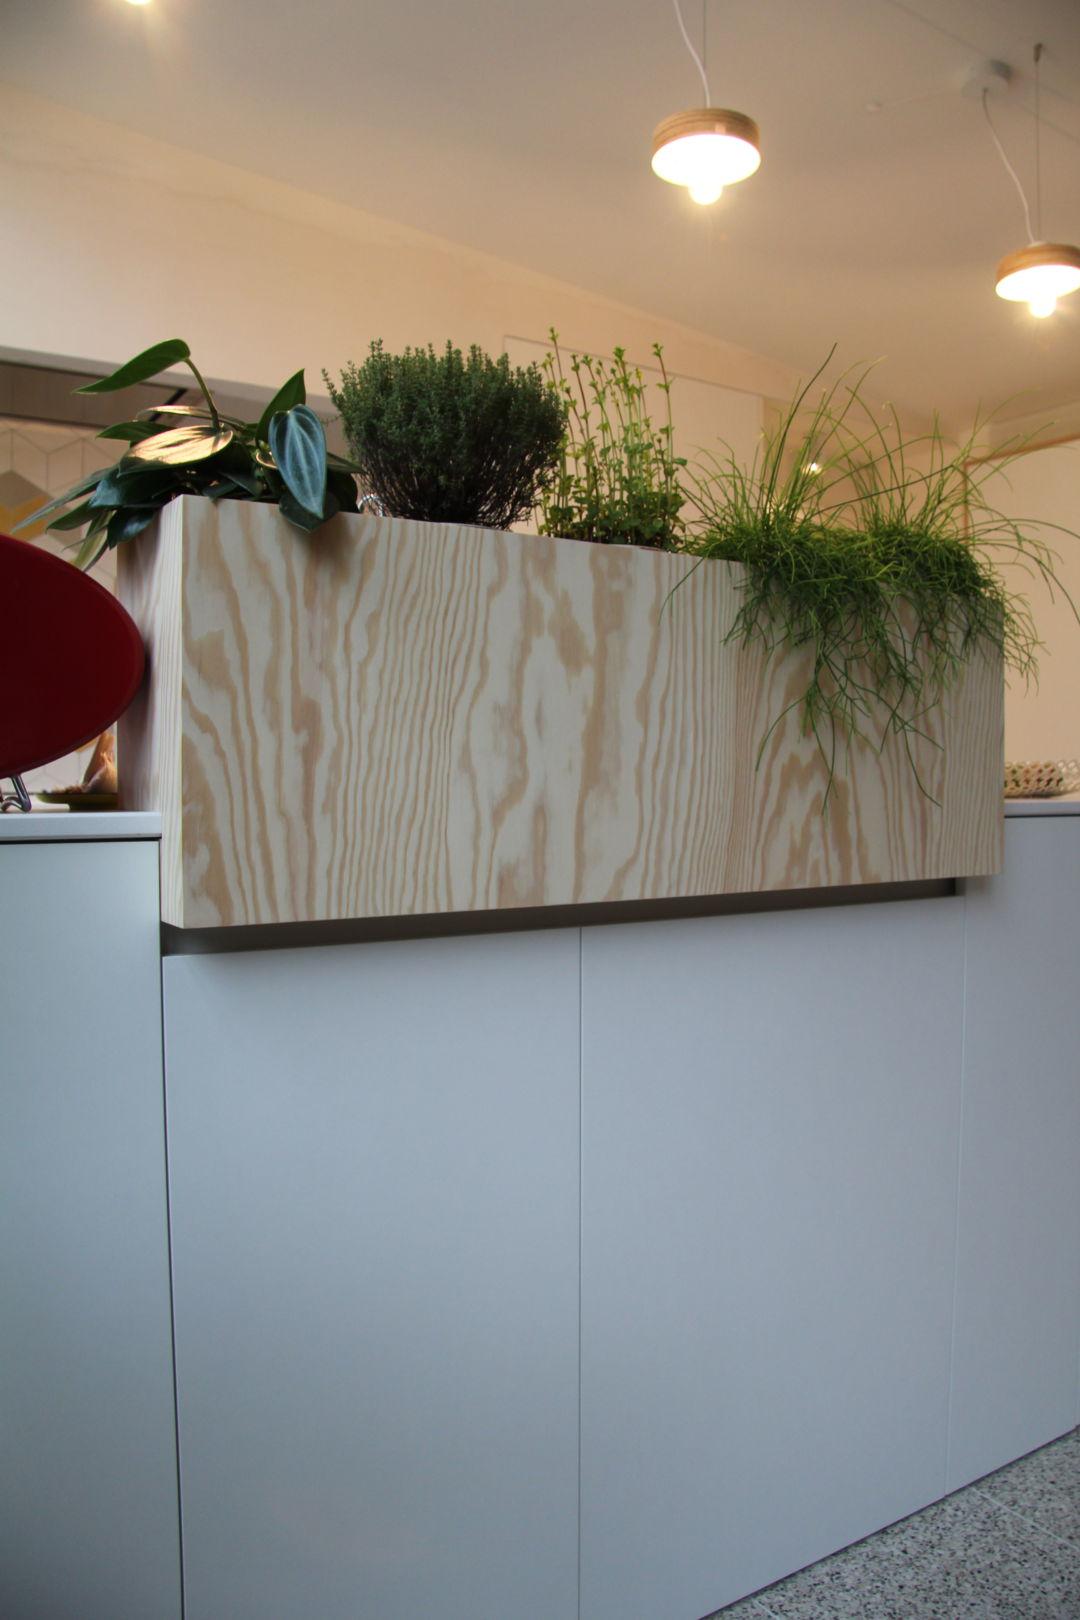 plantenbak grenen in keuken op maat